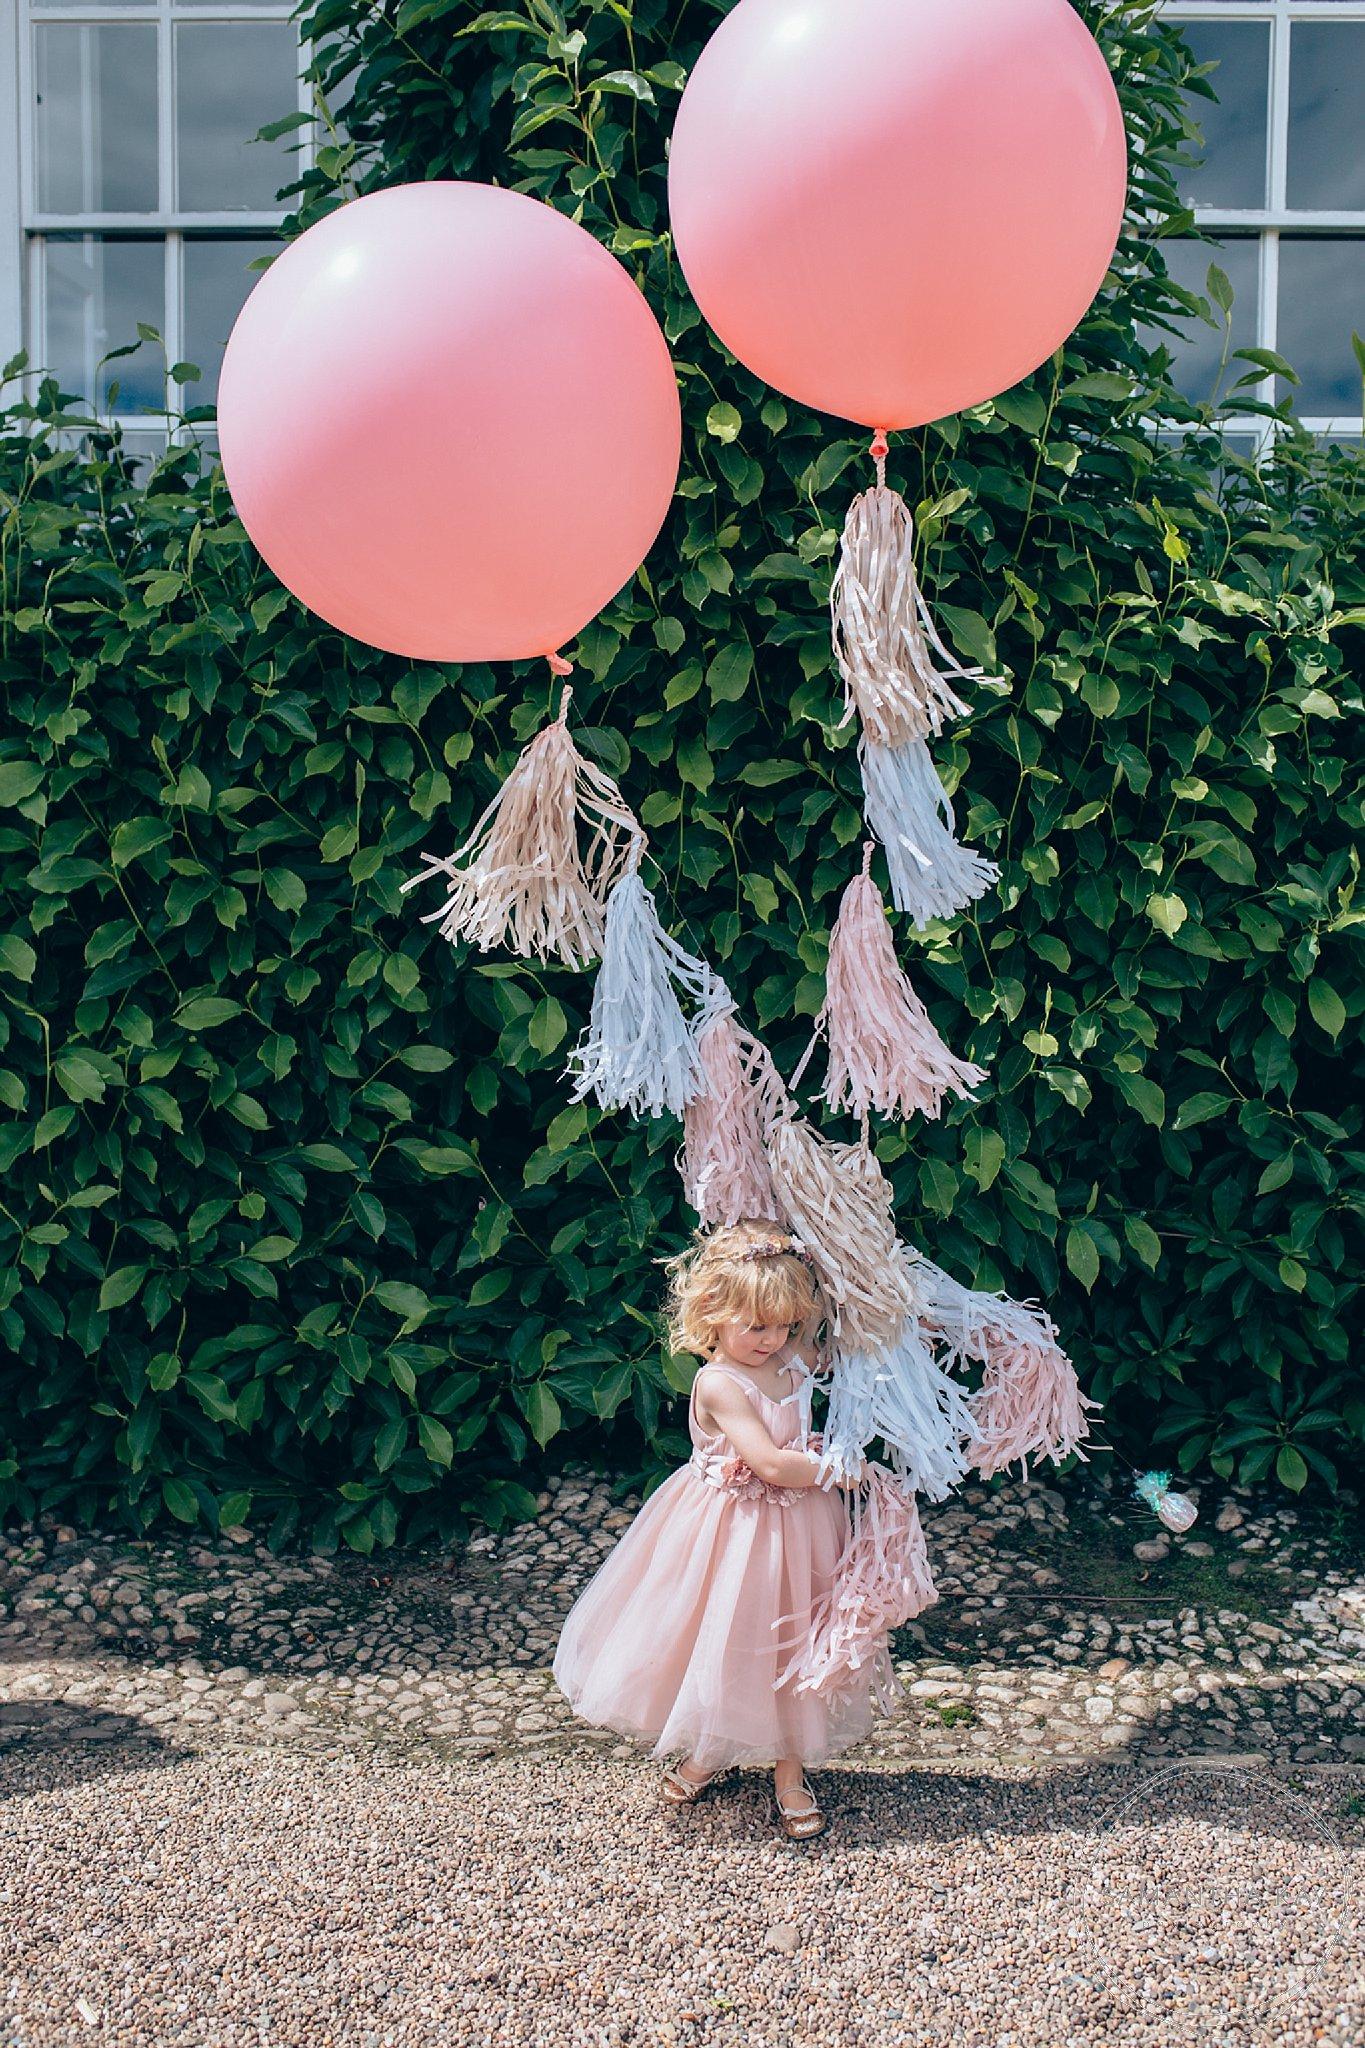 Giant pink wedding balloons